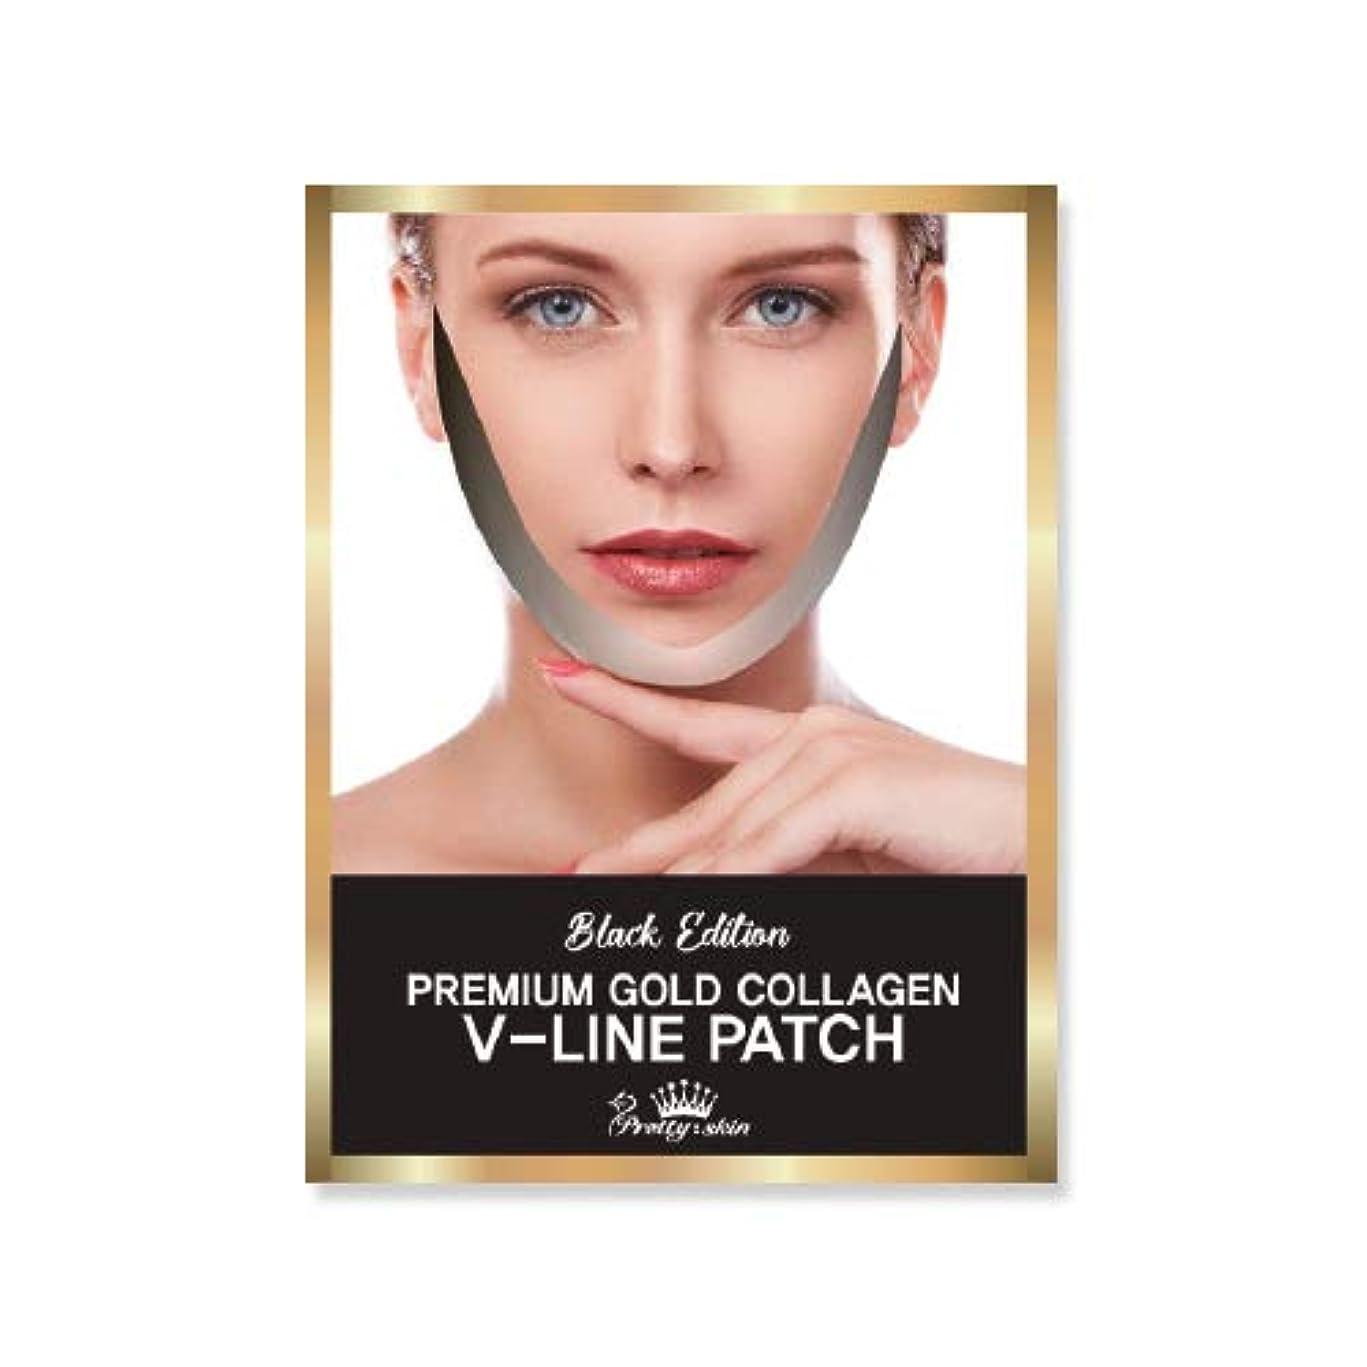 素朴な関係策定するpretty skin プリティスキン V-LINE PATCH ブイラインパッチ リフトアップ マスク (5枚組, ブラック)